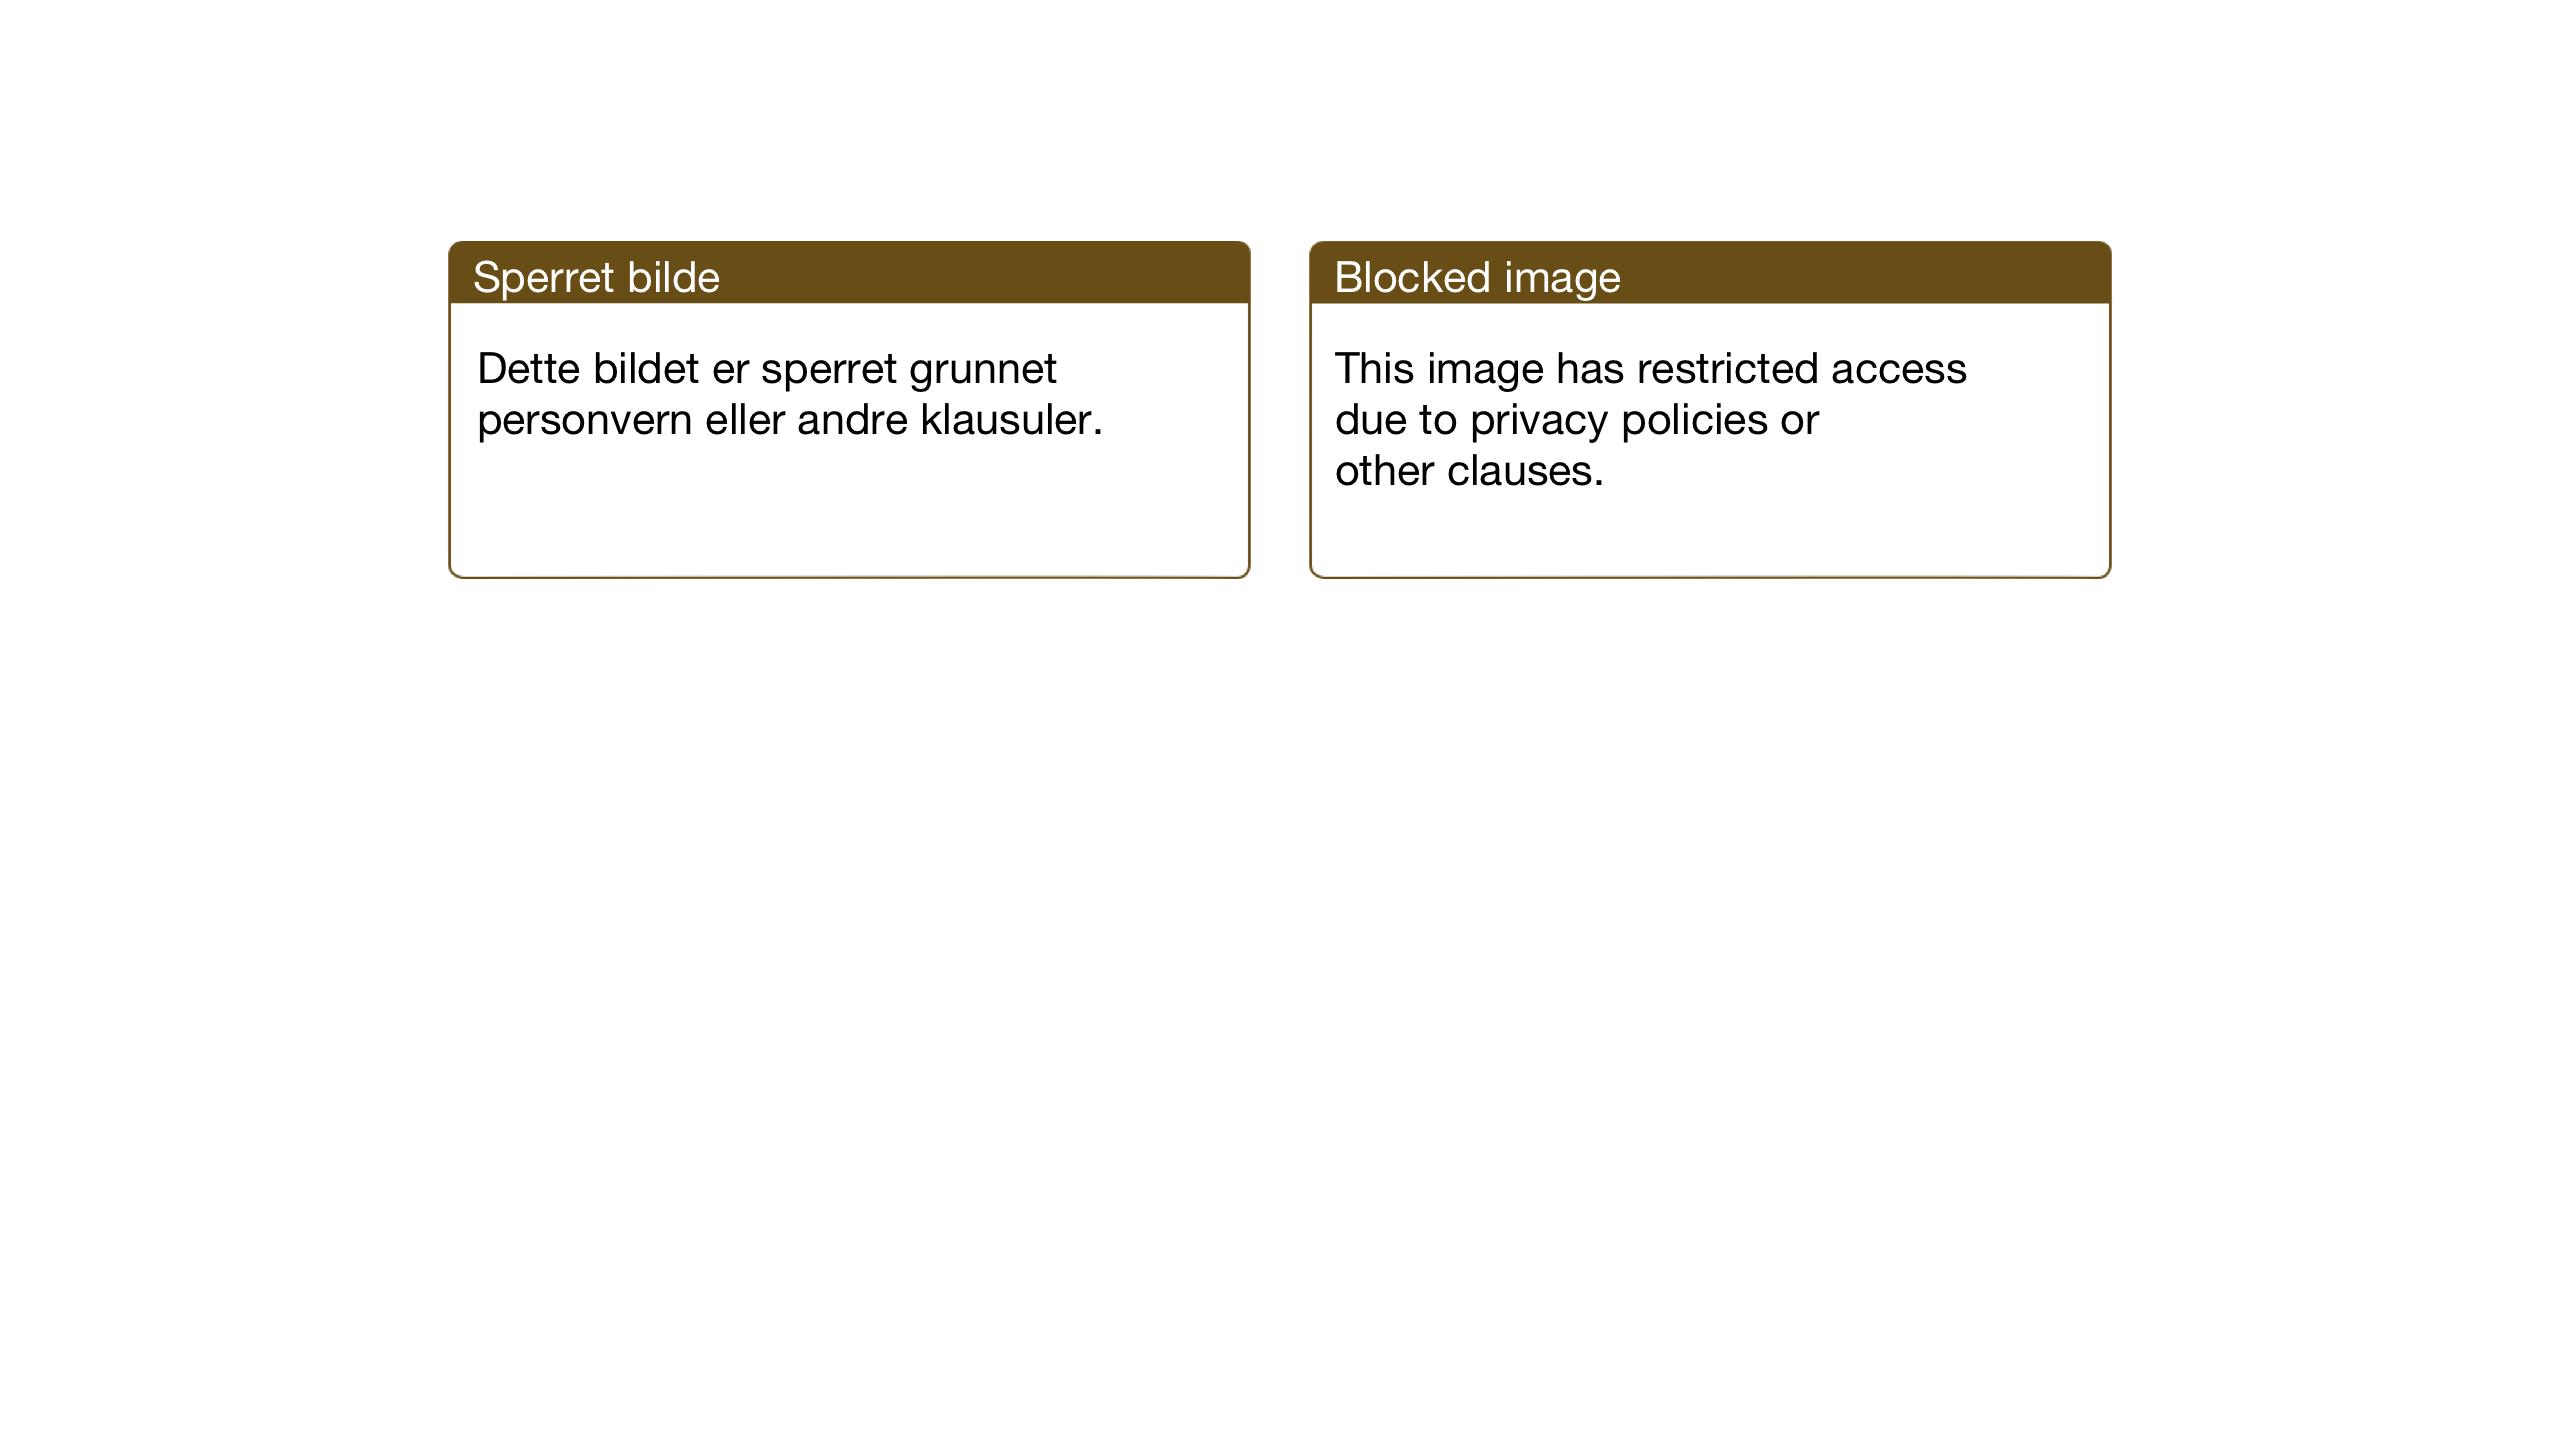 SAT, Ministerialprotokoller, klokkerbøker og fødselsregistre - Nord-Trøndelag, 722/L0227: Klokkerbok nr. 722C03, 1928-1958, s. 40